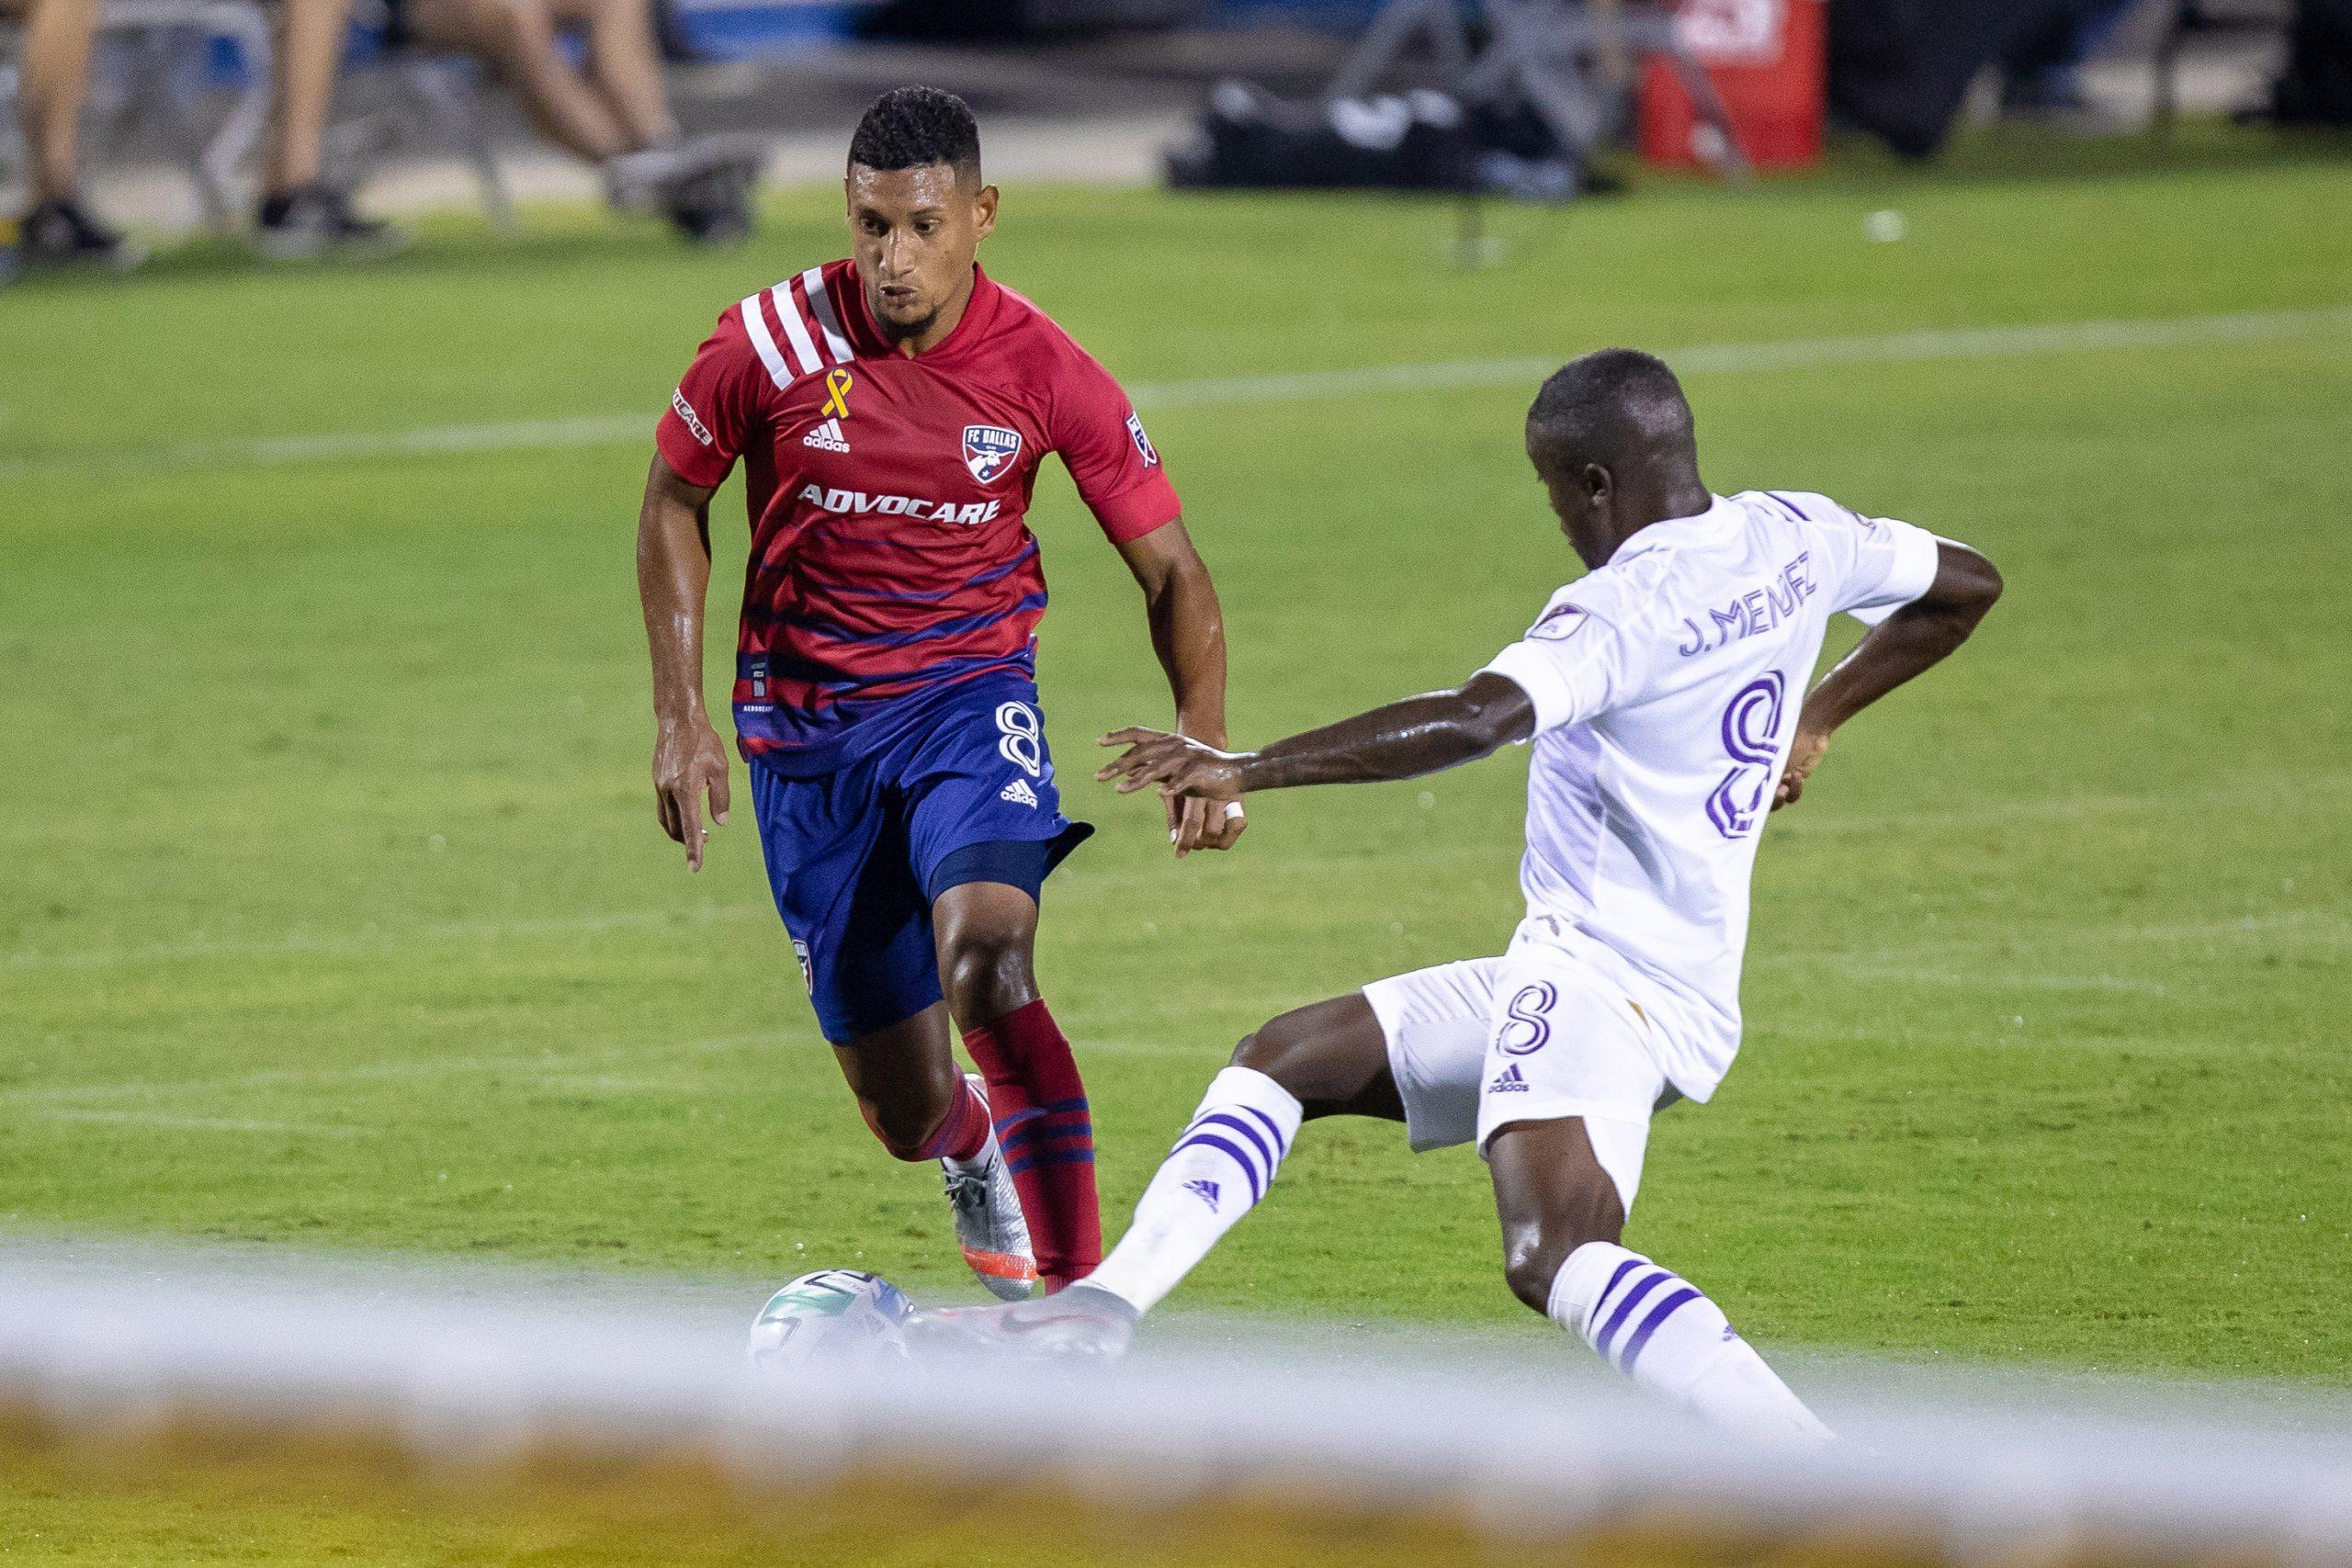 Acosta FCD v Orlando 9-27-20 159